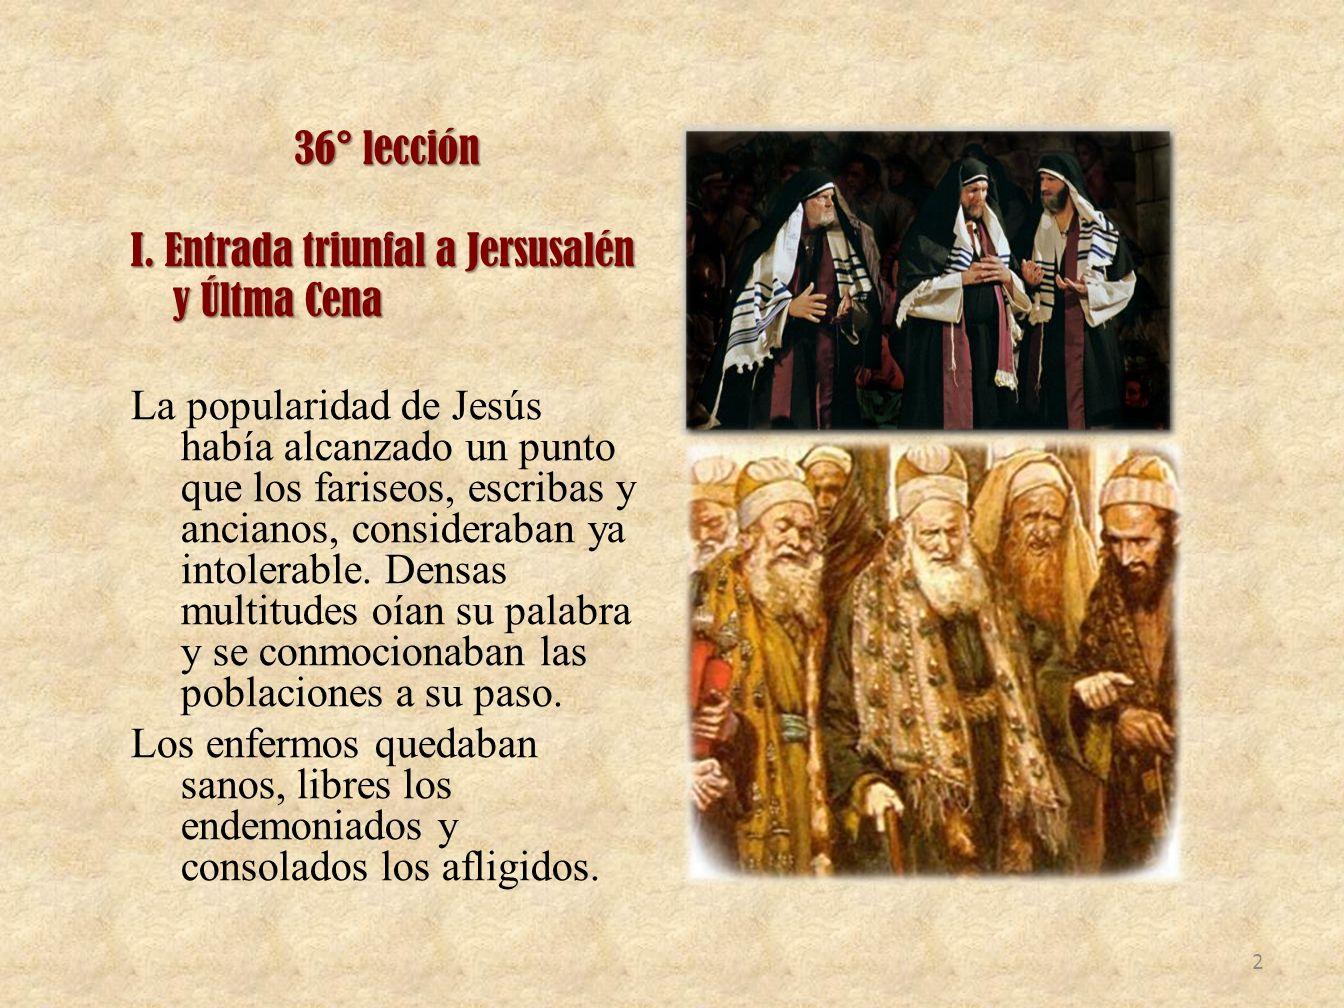 36° lección I. Entrada triunfal a Jersusalén y Últma Cena y Últma Cena La popularidad de Jesús había alcanzado un punto que los fariseos, escribas y a